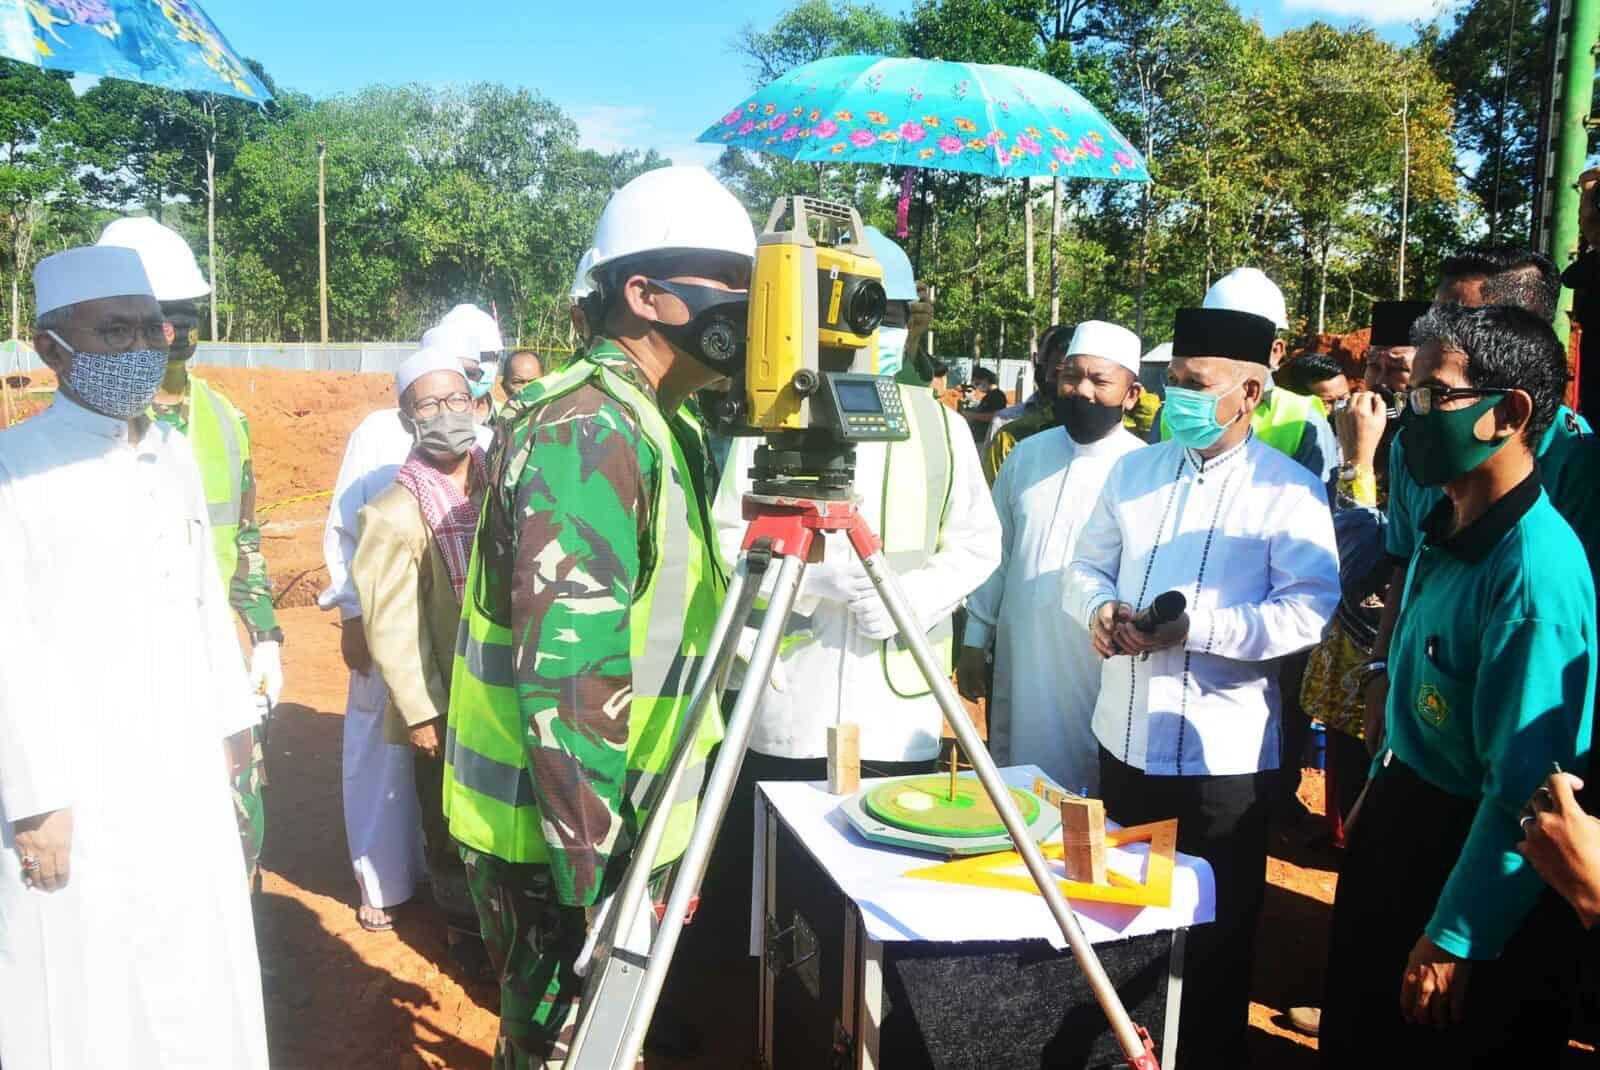 Komandan Lanud Sjamsudin Noor Turut Saksikan Langsung Peletakan Batu Pertama dan Penentuan Arah Kiblat Pembangunan Masjid Bambu KH. Abdul Qodir Hasan di Desa Kiram